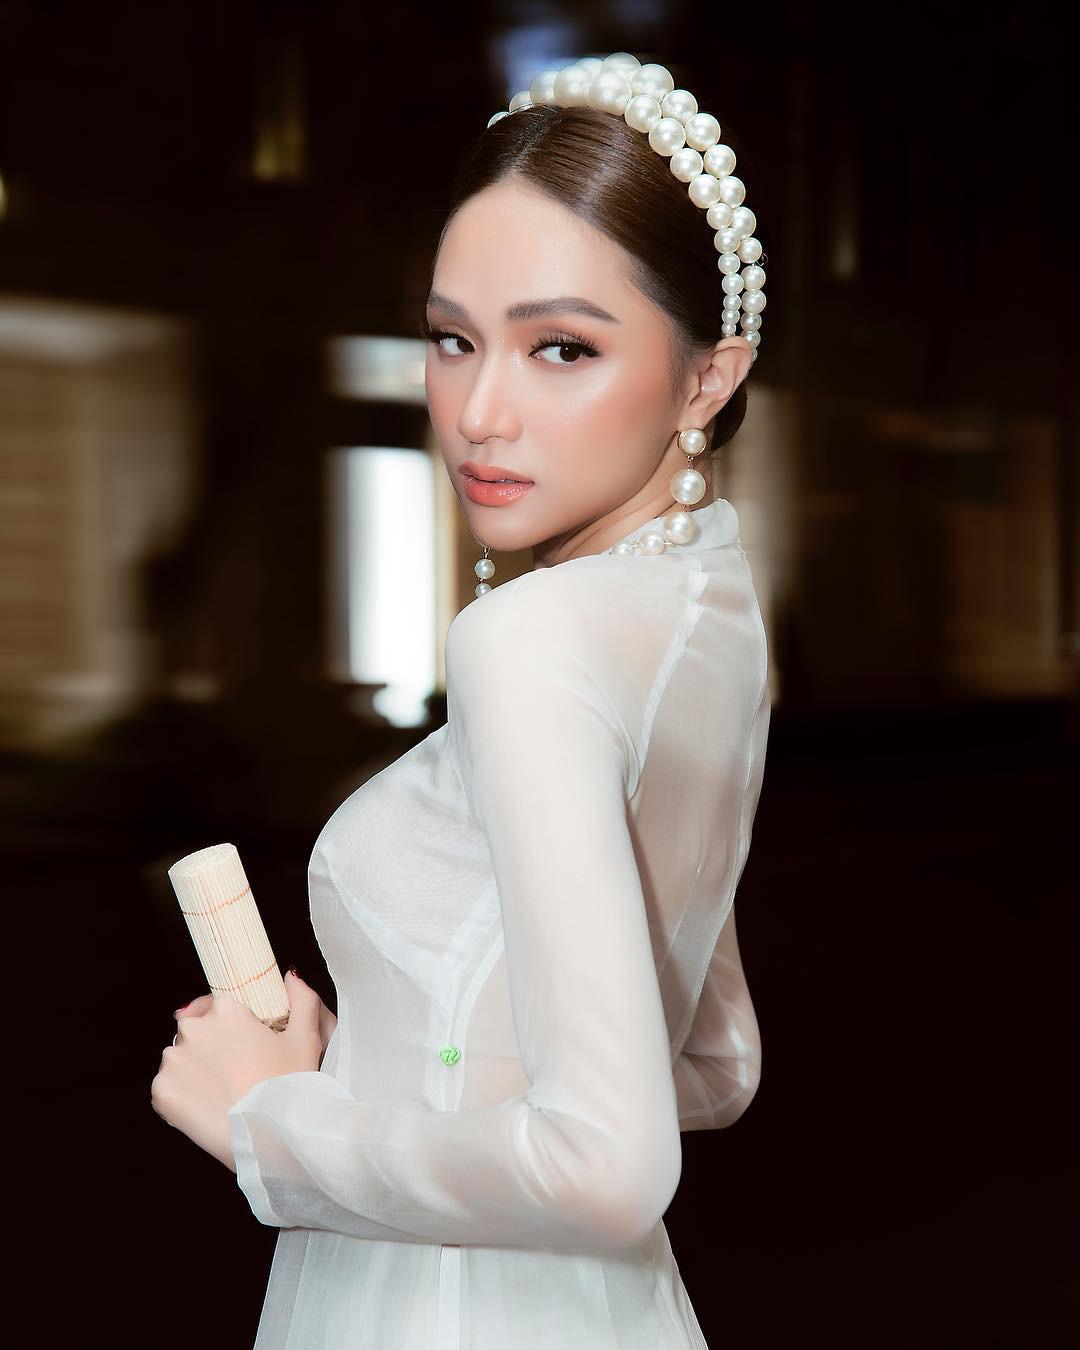 """Hương Giang mặc áo dài trắng tinh đẹp tựa nữ thần ở Pháp, """"thả thính"""" gây """"bão"""" mạng - Ảnh 7."""